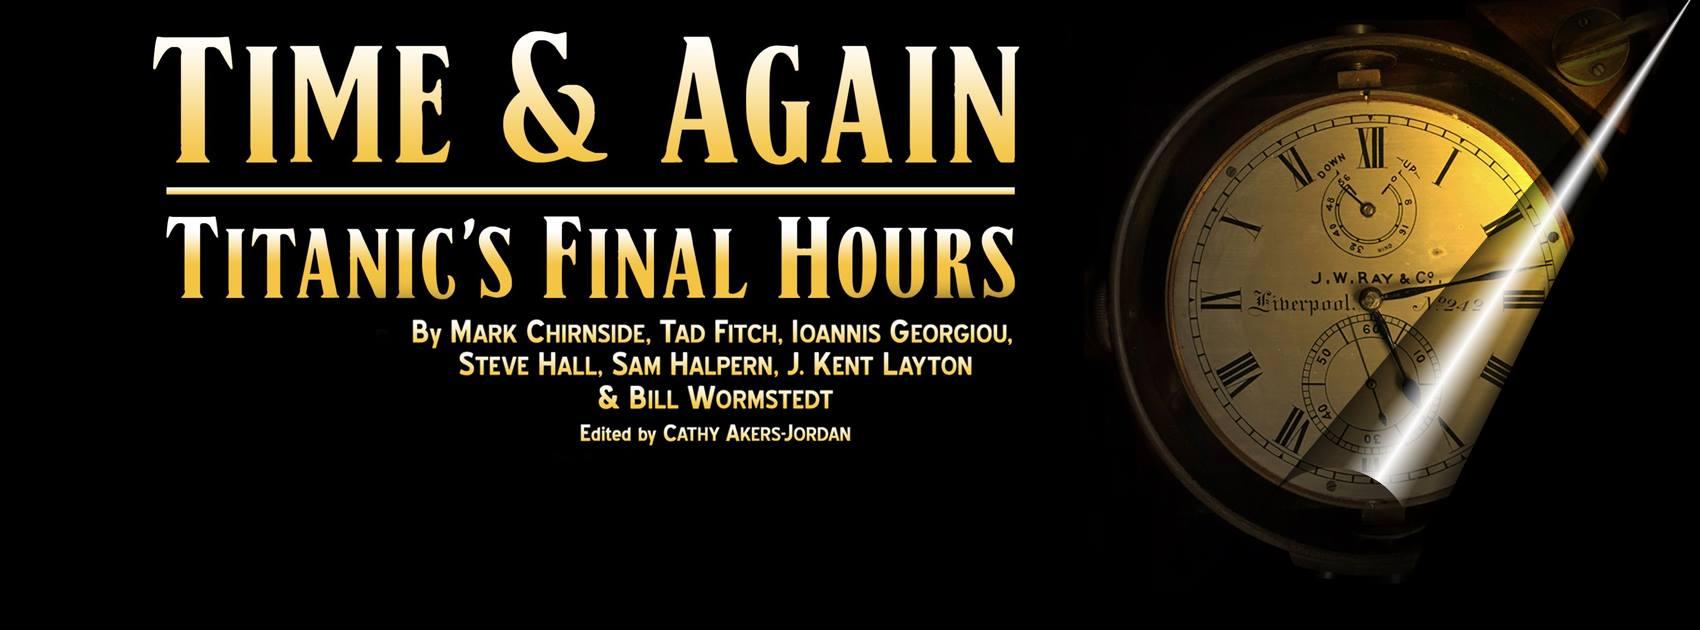 Time&Again-Banner